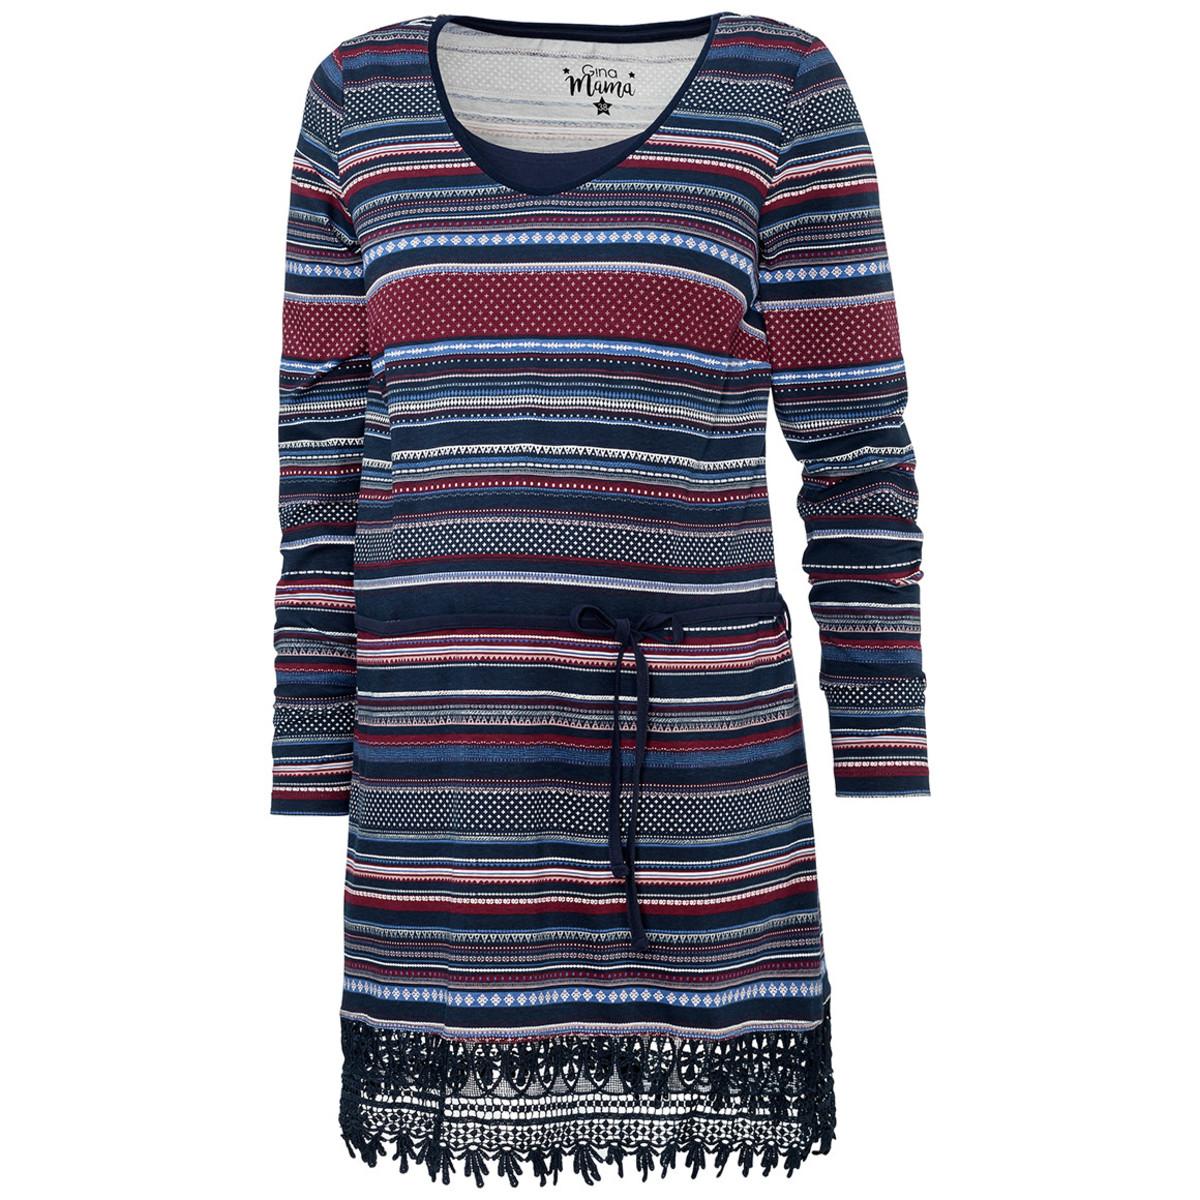 Bild 5 von Damen Umstands-Longshirt mit Allover-Print